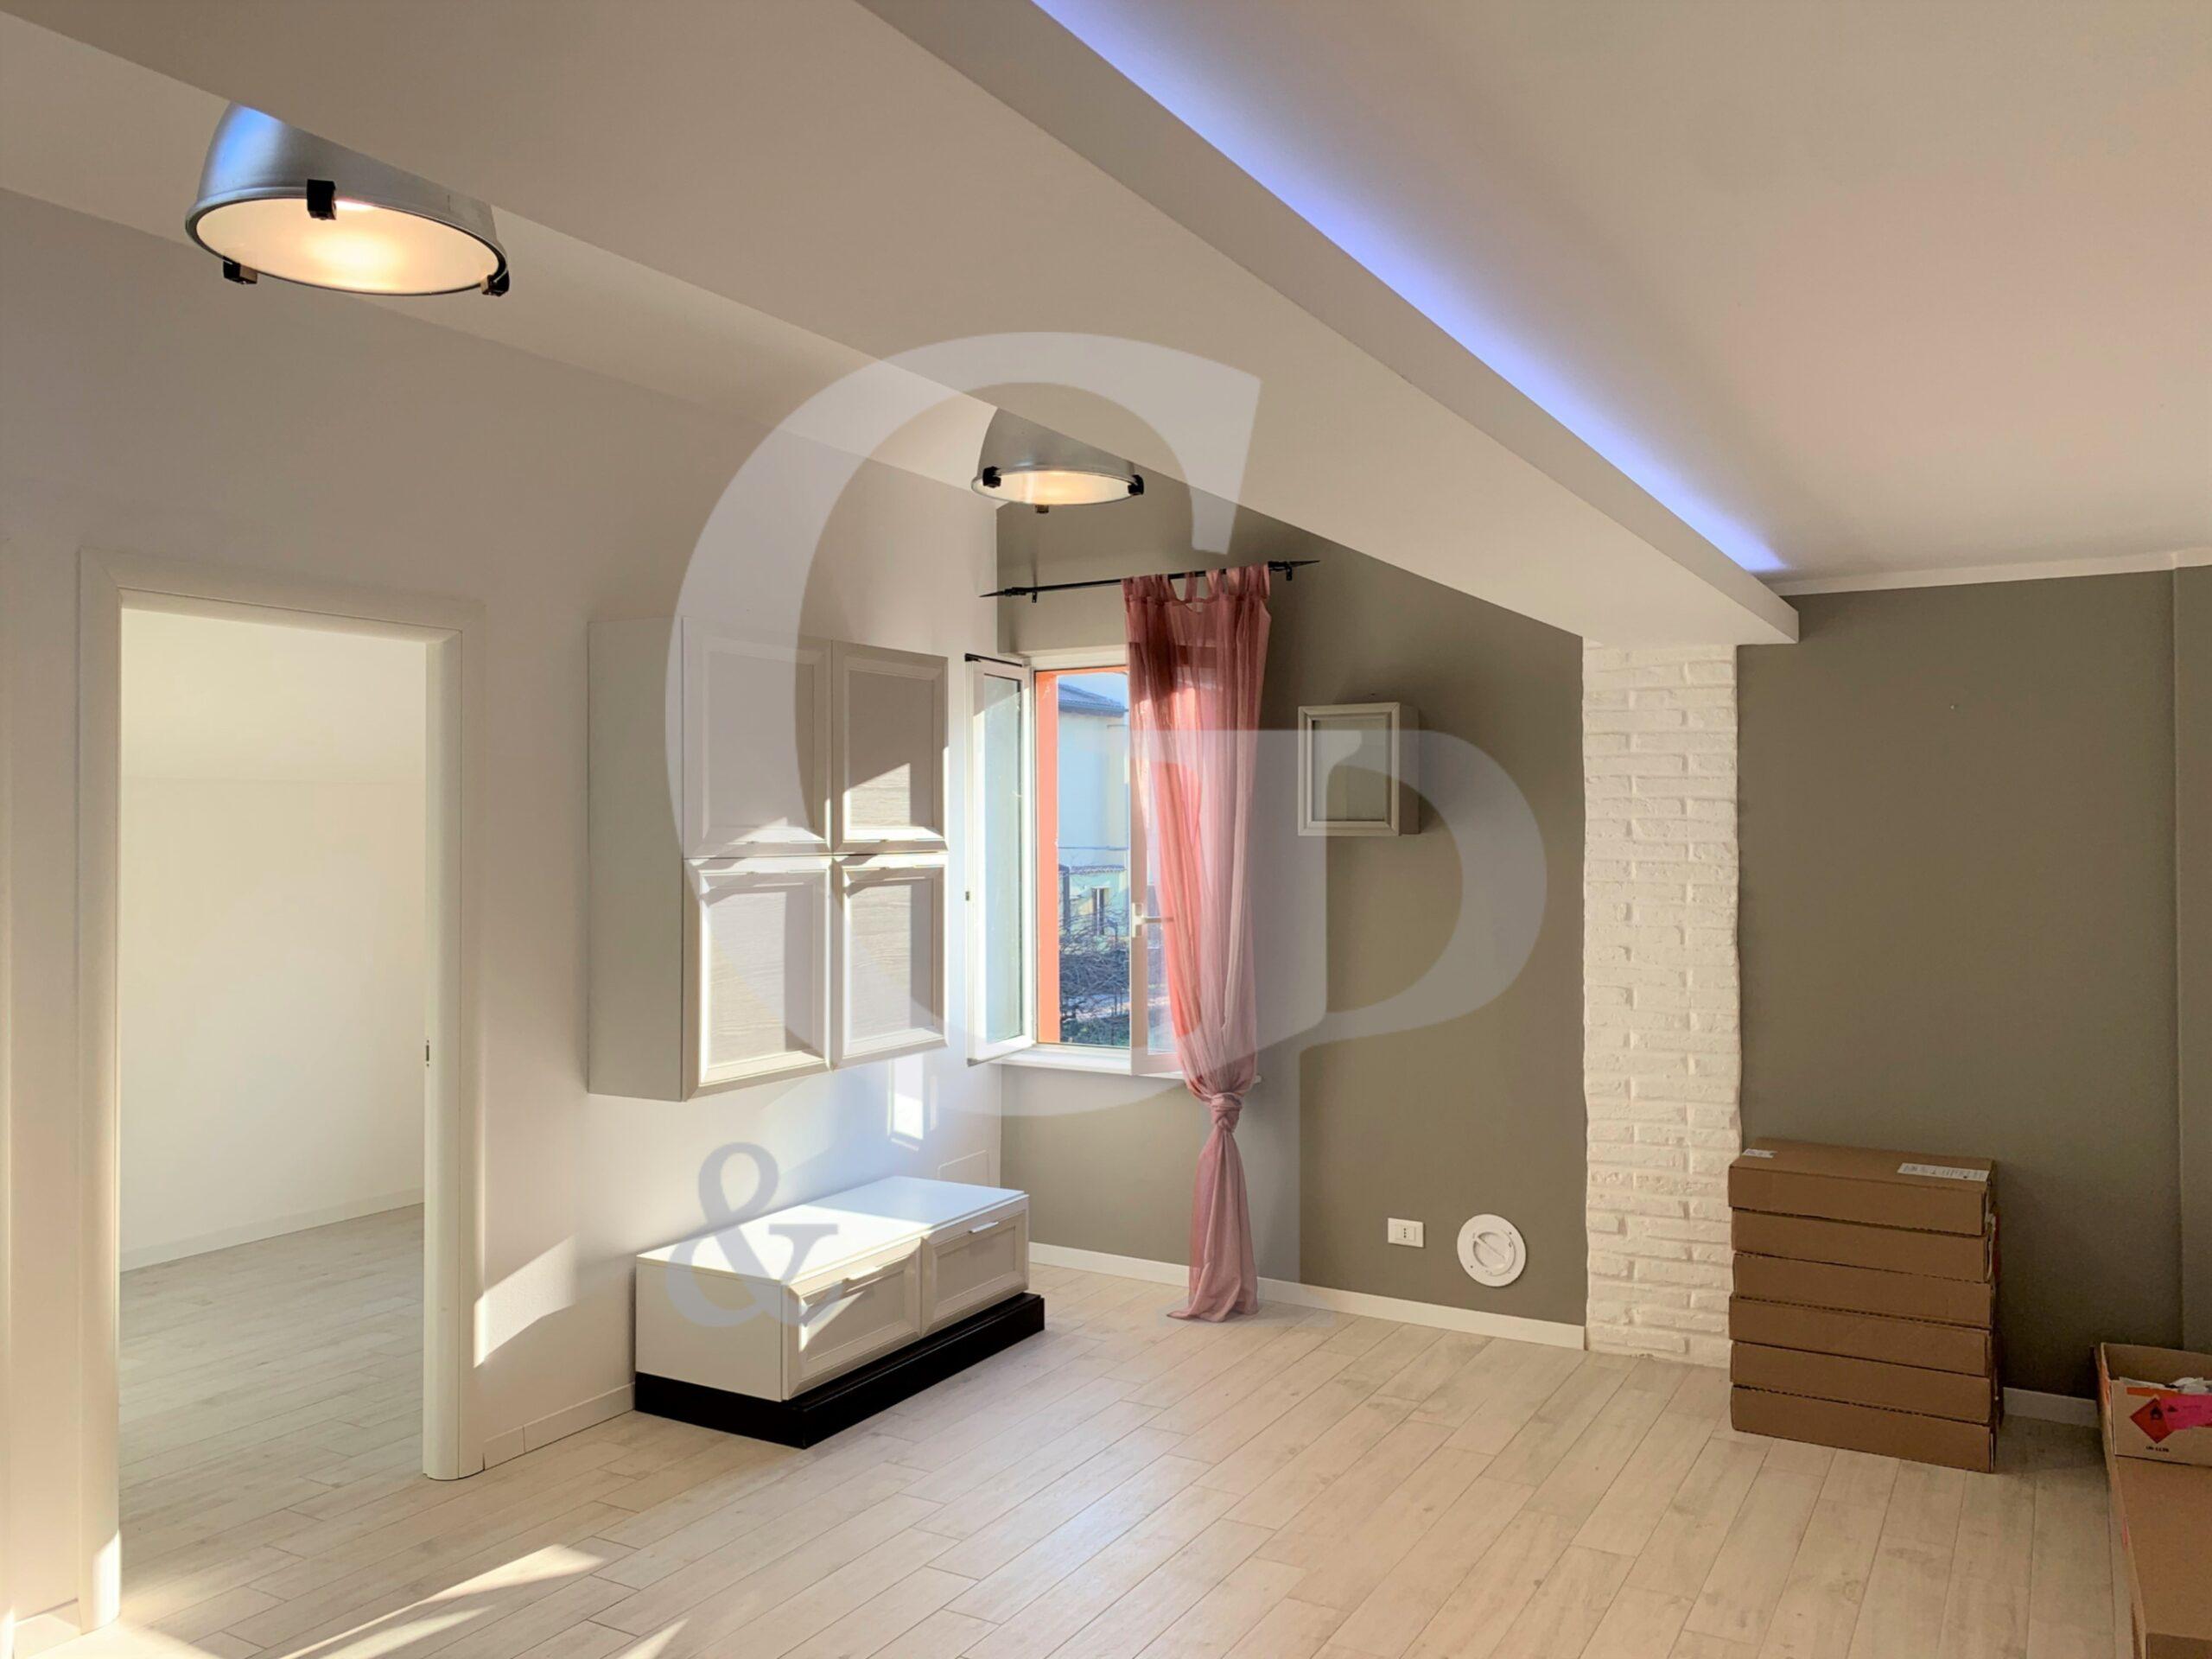 Valsamoggia, Appartamento ristrutturato (Via IV Novembre, Crespellano) – Vendita